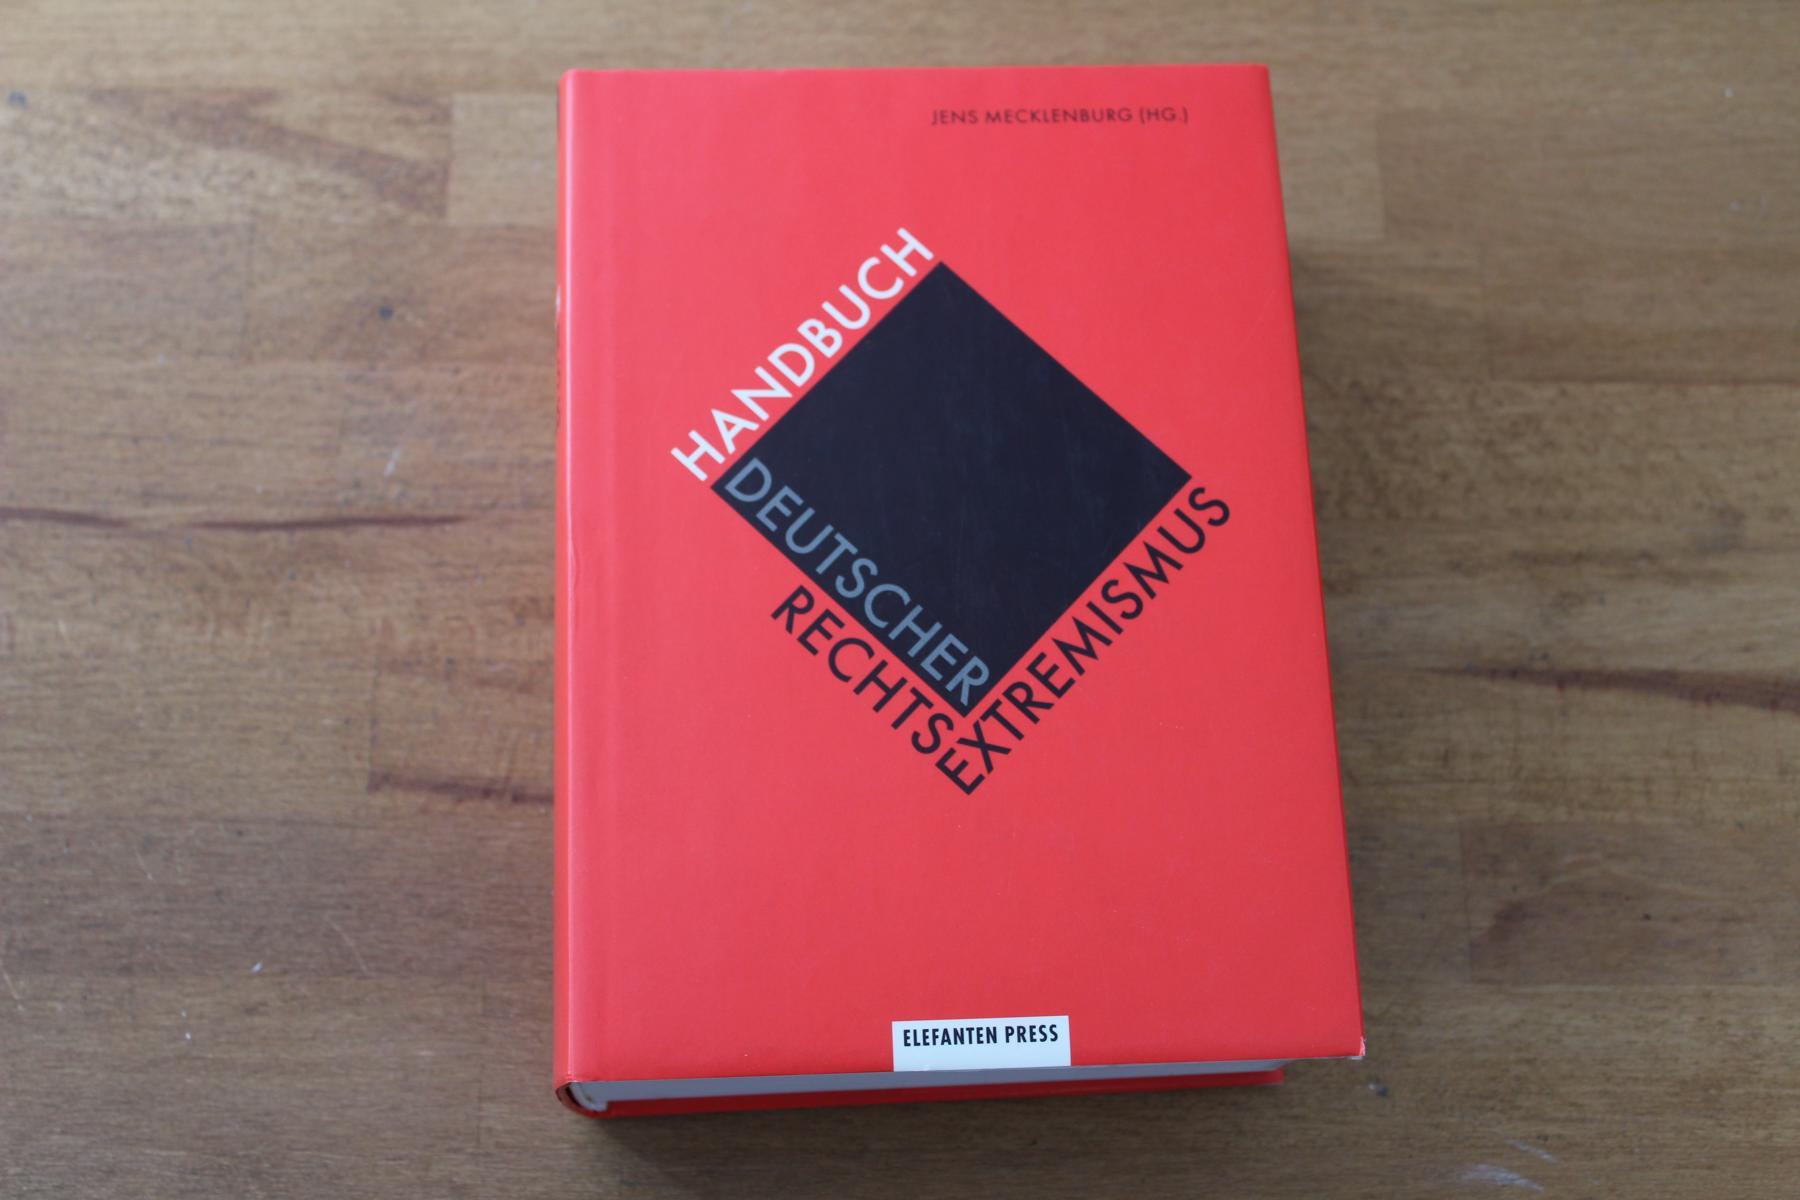 Handbuch deutscher Rechtsextremismus. hrsg. von Jens Mecklenburg: Mecklenburg, Jens (Hrsg.):